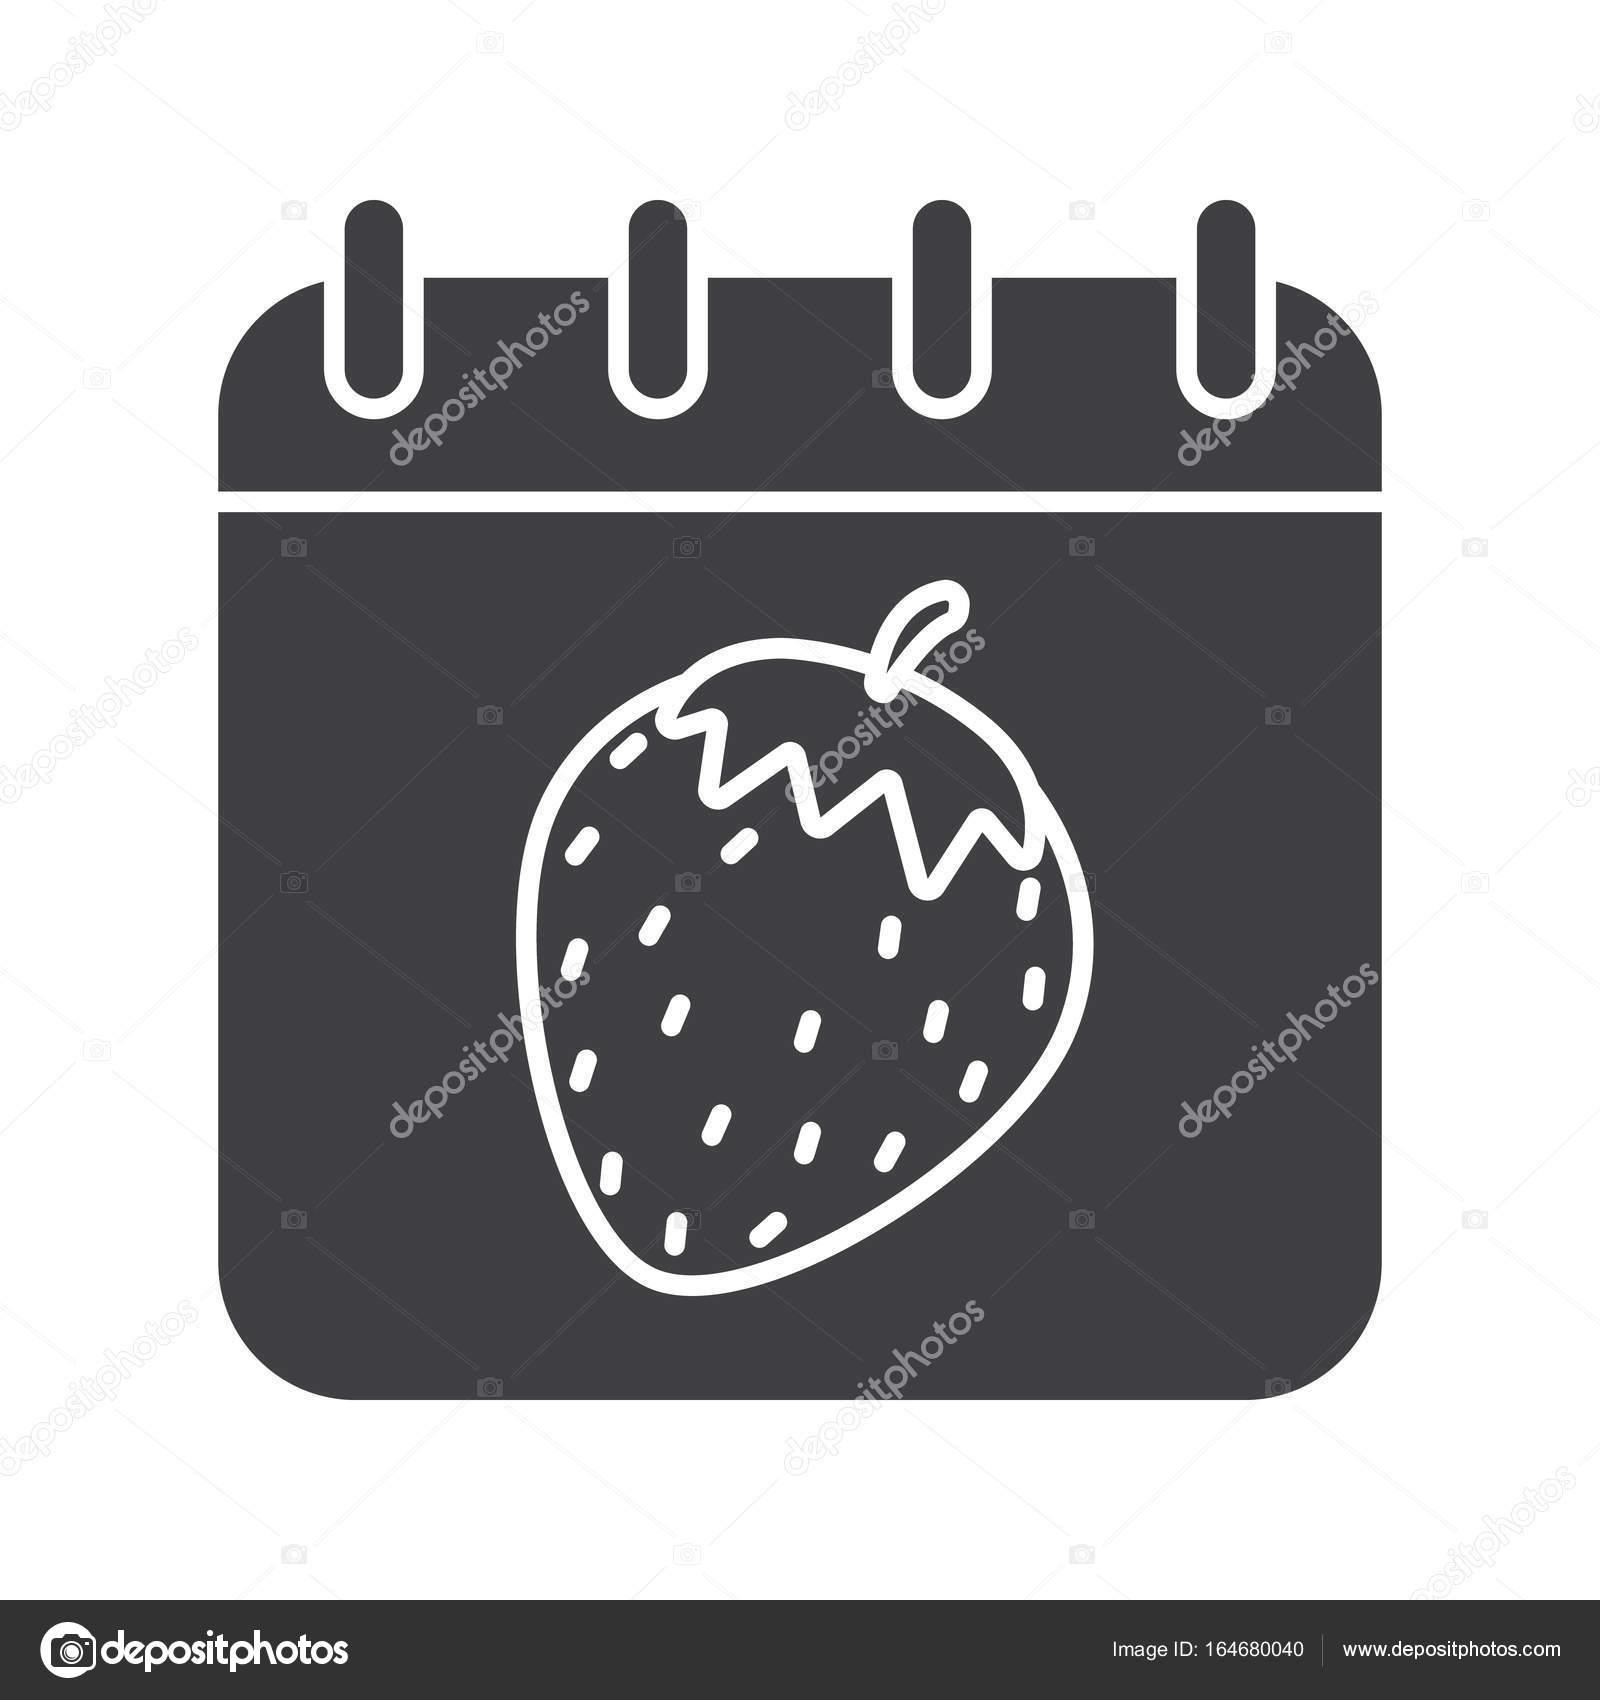 День секса в календаре